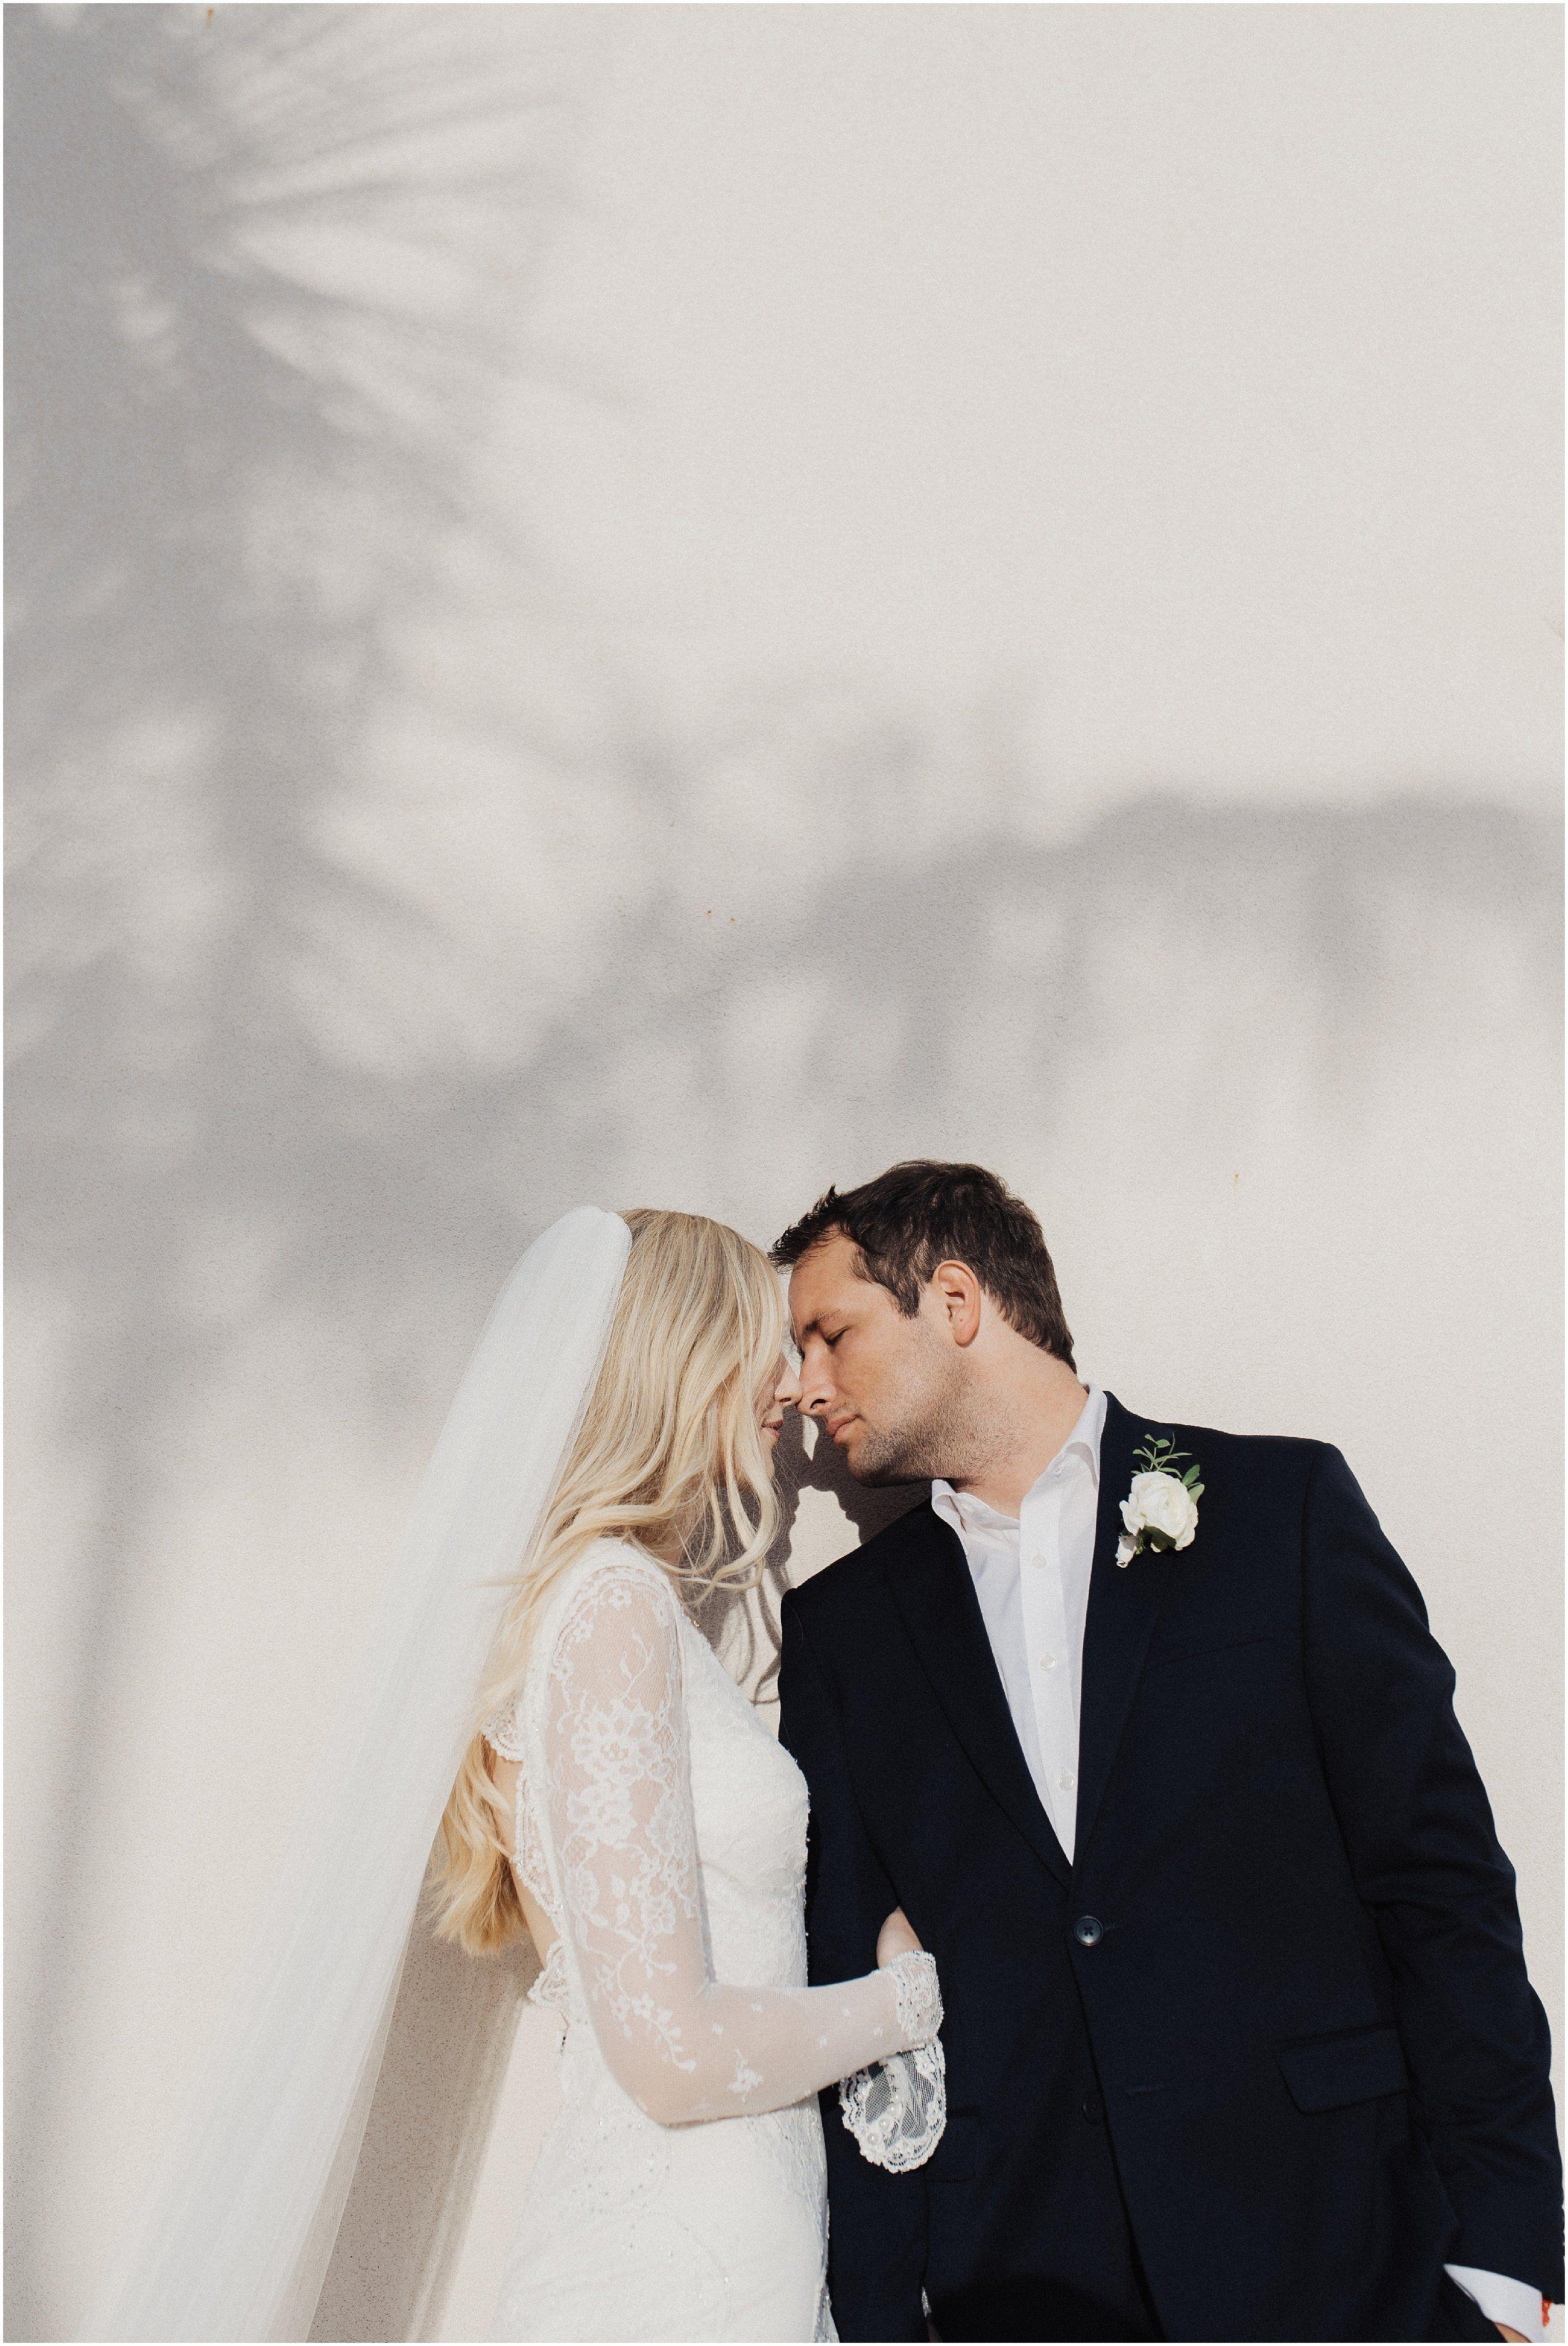 Lace wedding dress low back  Eden Strader Photography Bermuda Wedding Bermuda Wedding